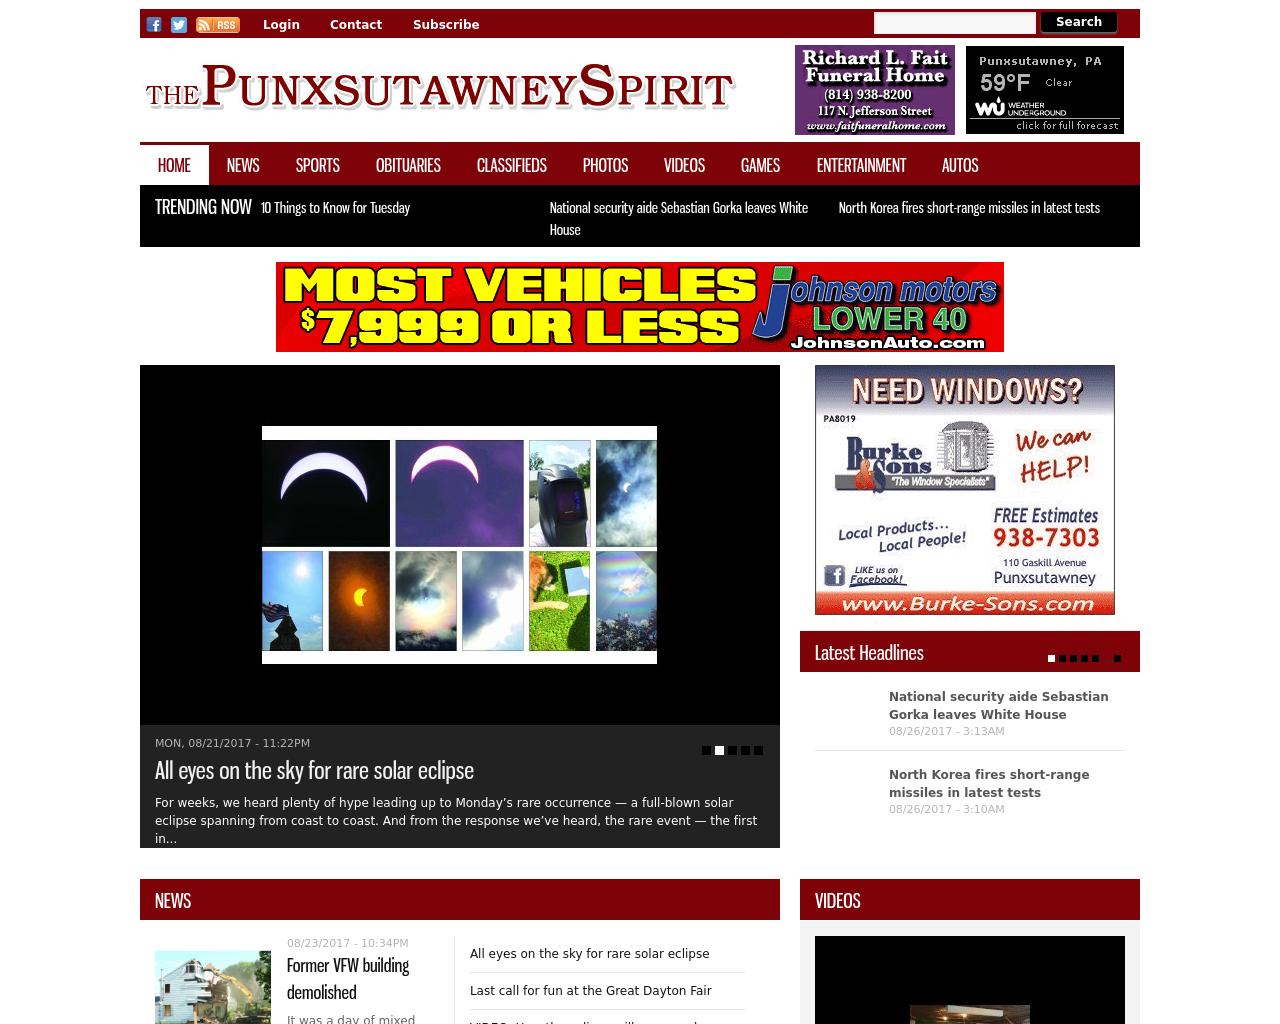 The-Punxsutawney-Spirit-Advertising-Reviews-Pricing